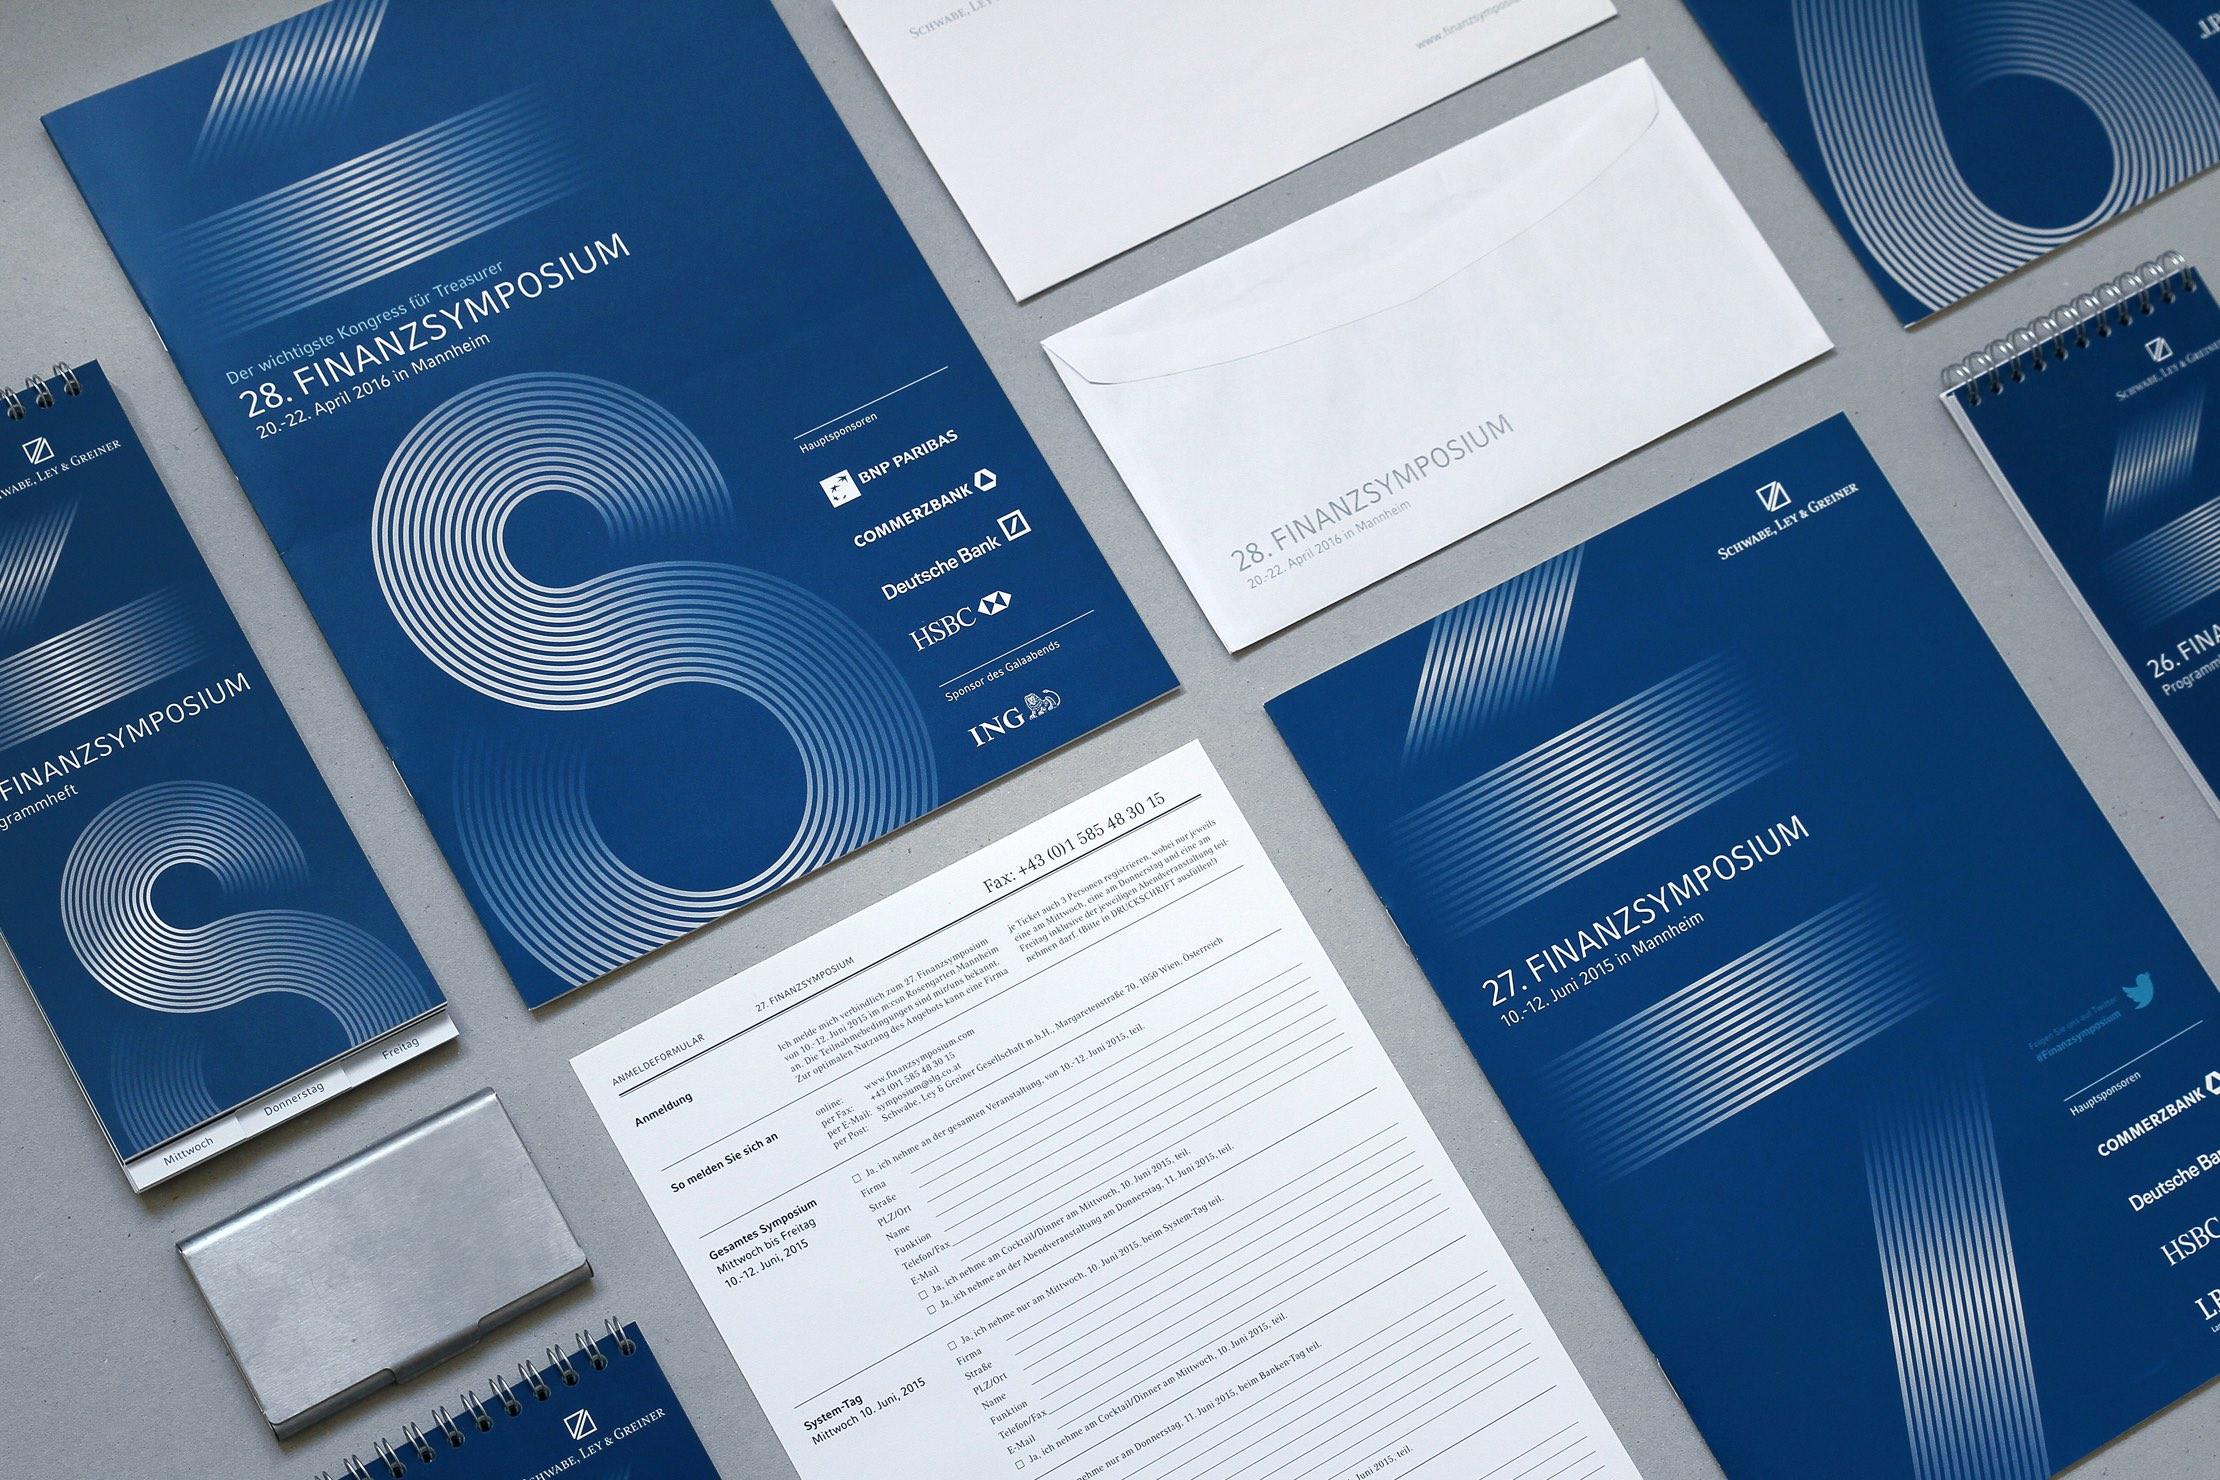 Finanzsymposium Drucksorten Folder, Kalender, Programmheft, Anmeldeformular, Kuvert